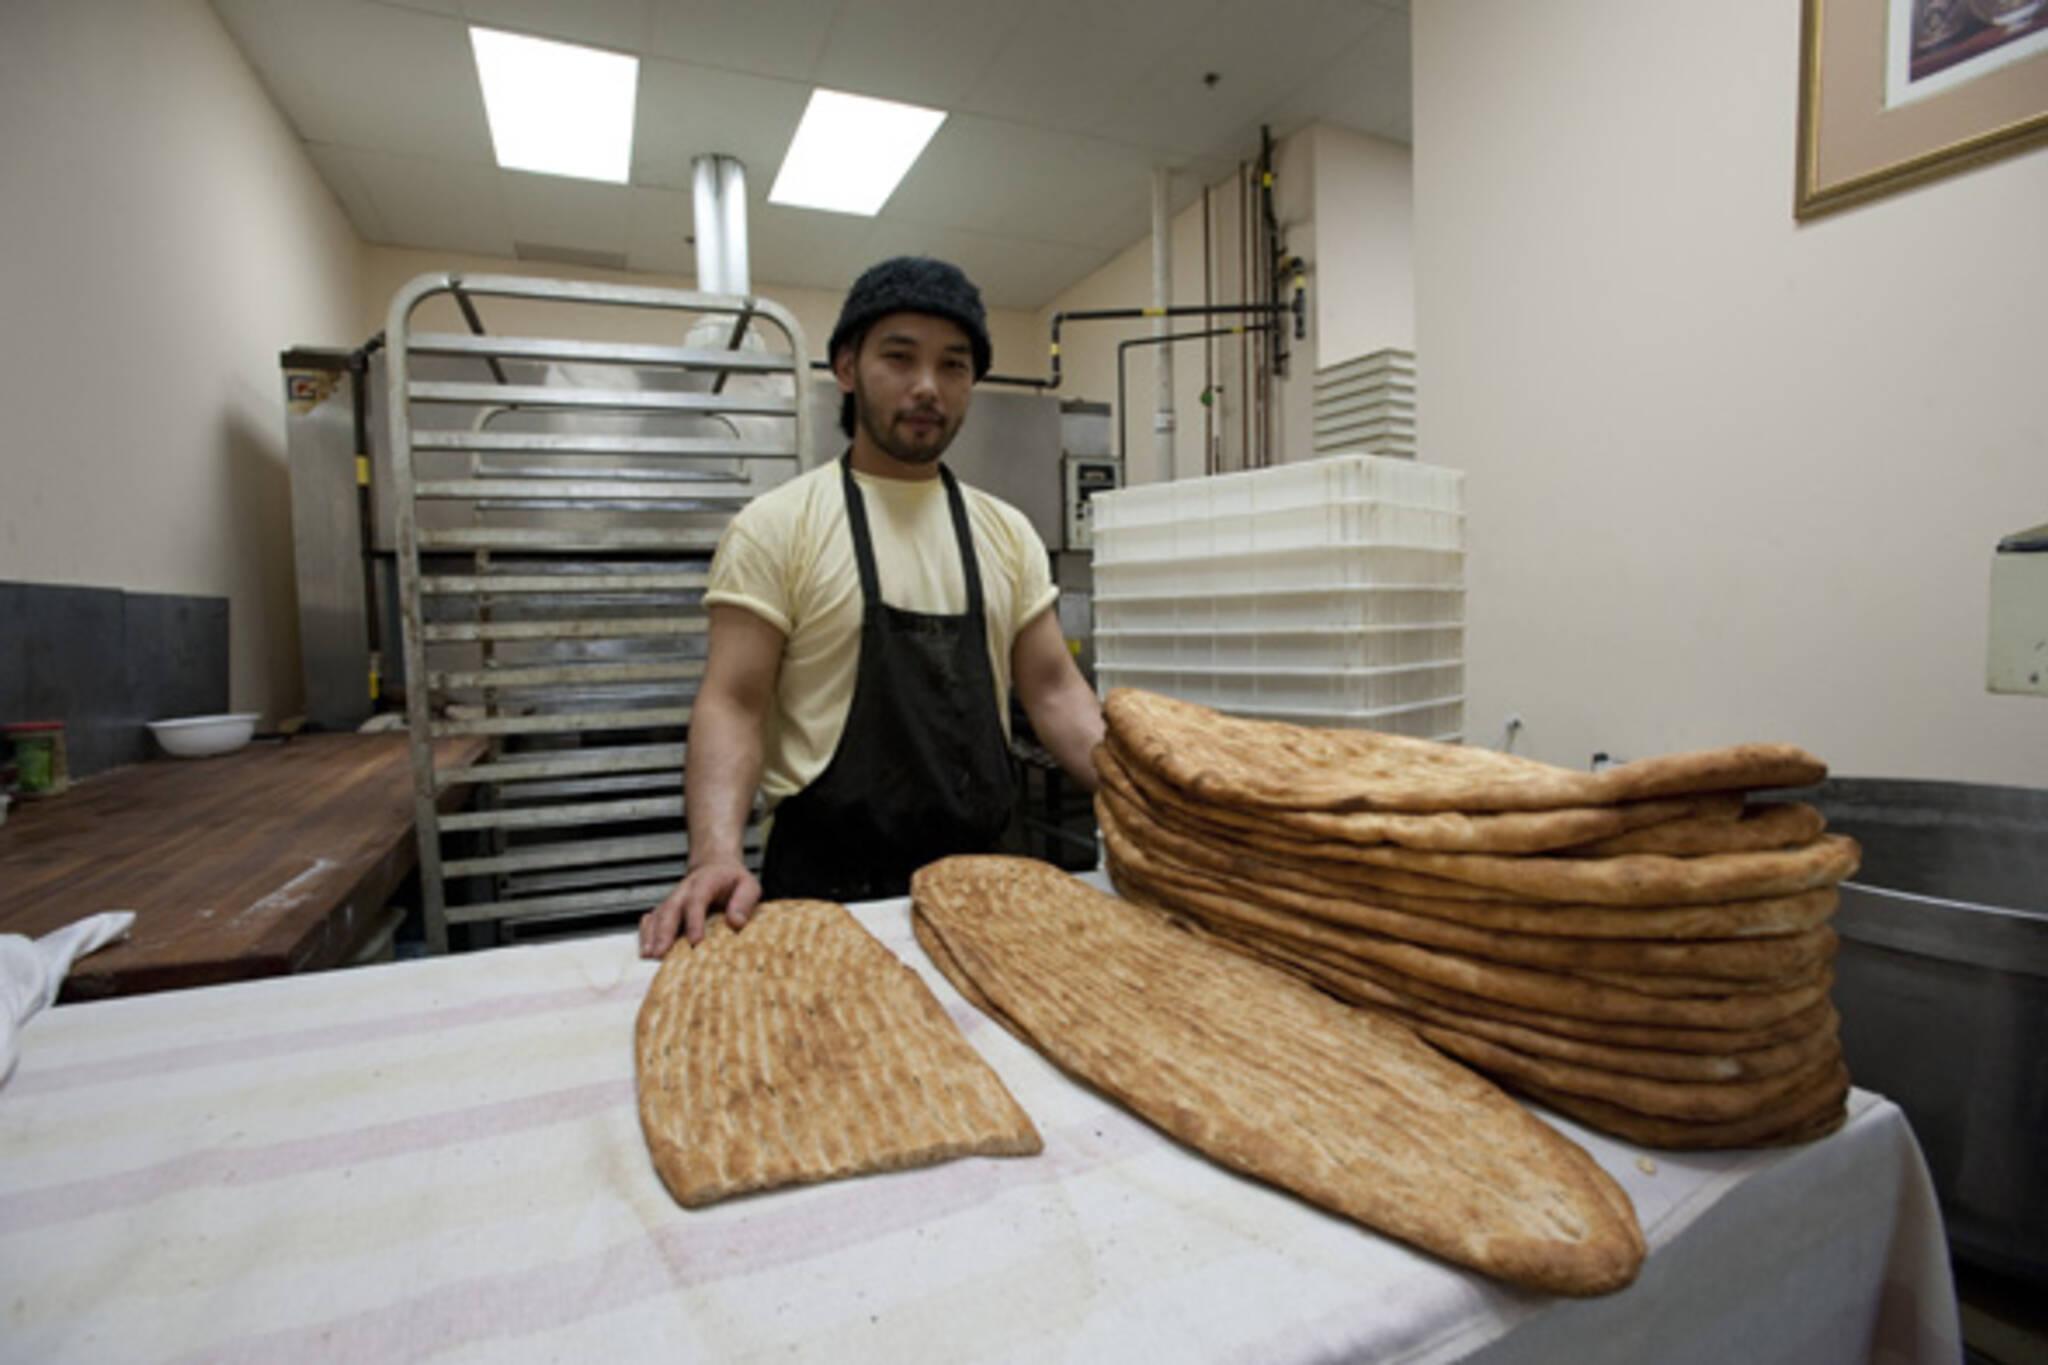 Afghan Bakery